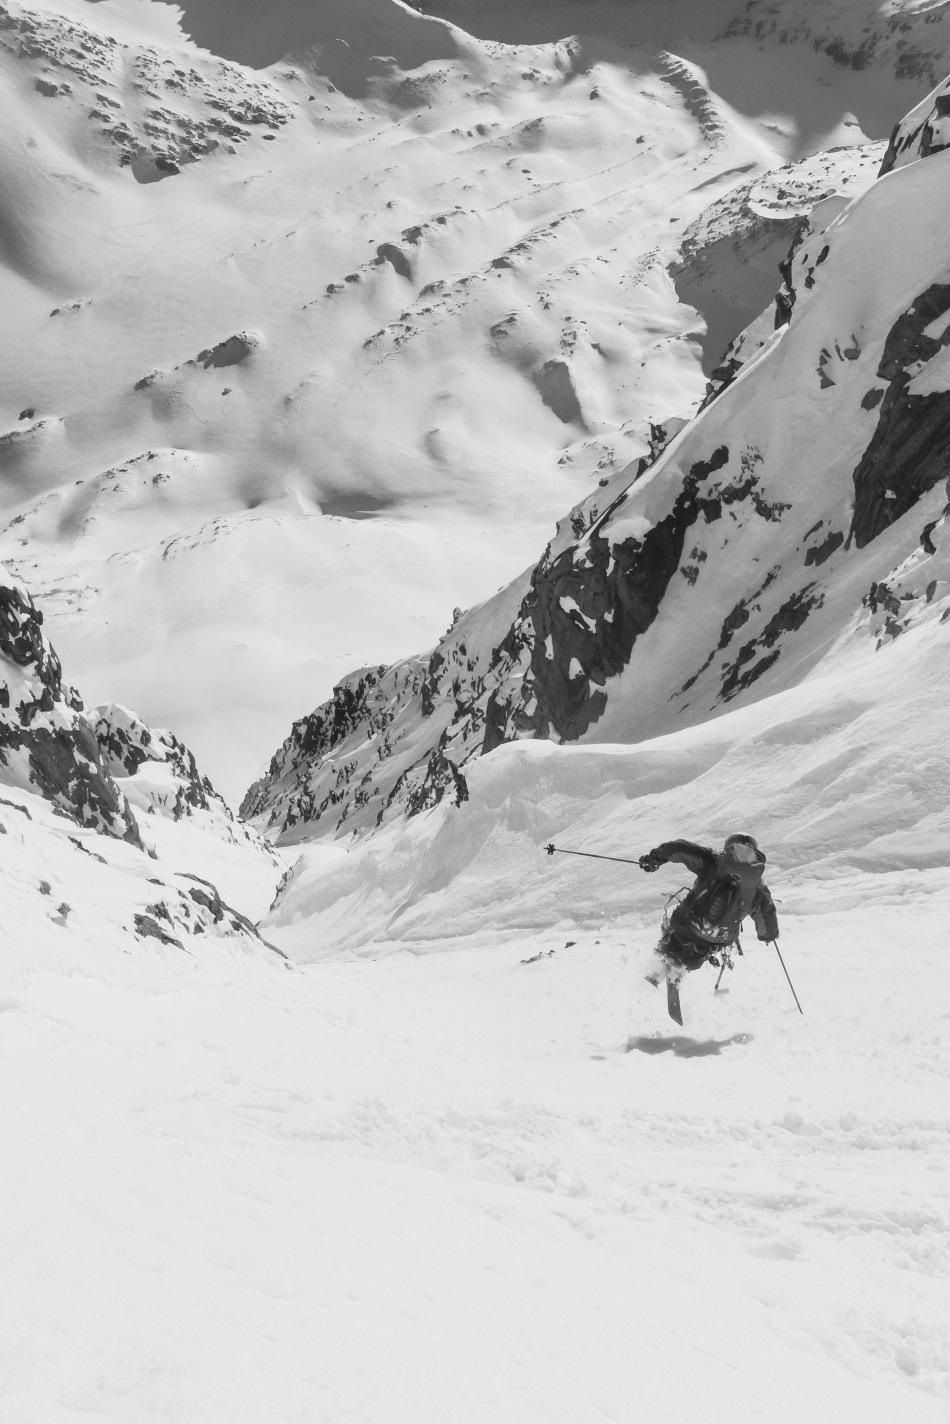 aiguille du midi, ryan boyer, steep skiing, chamonix